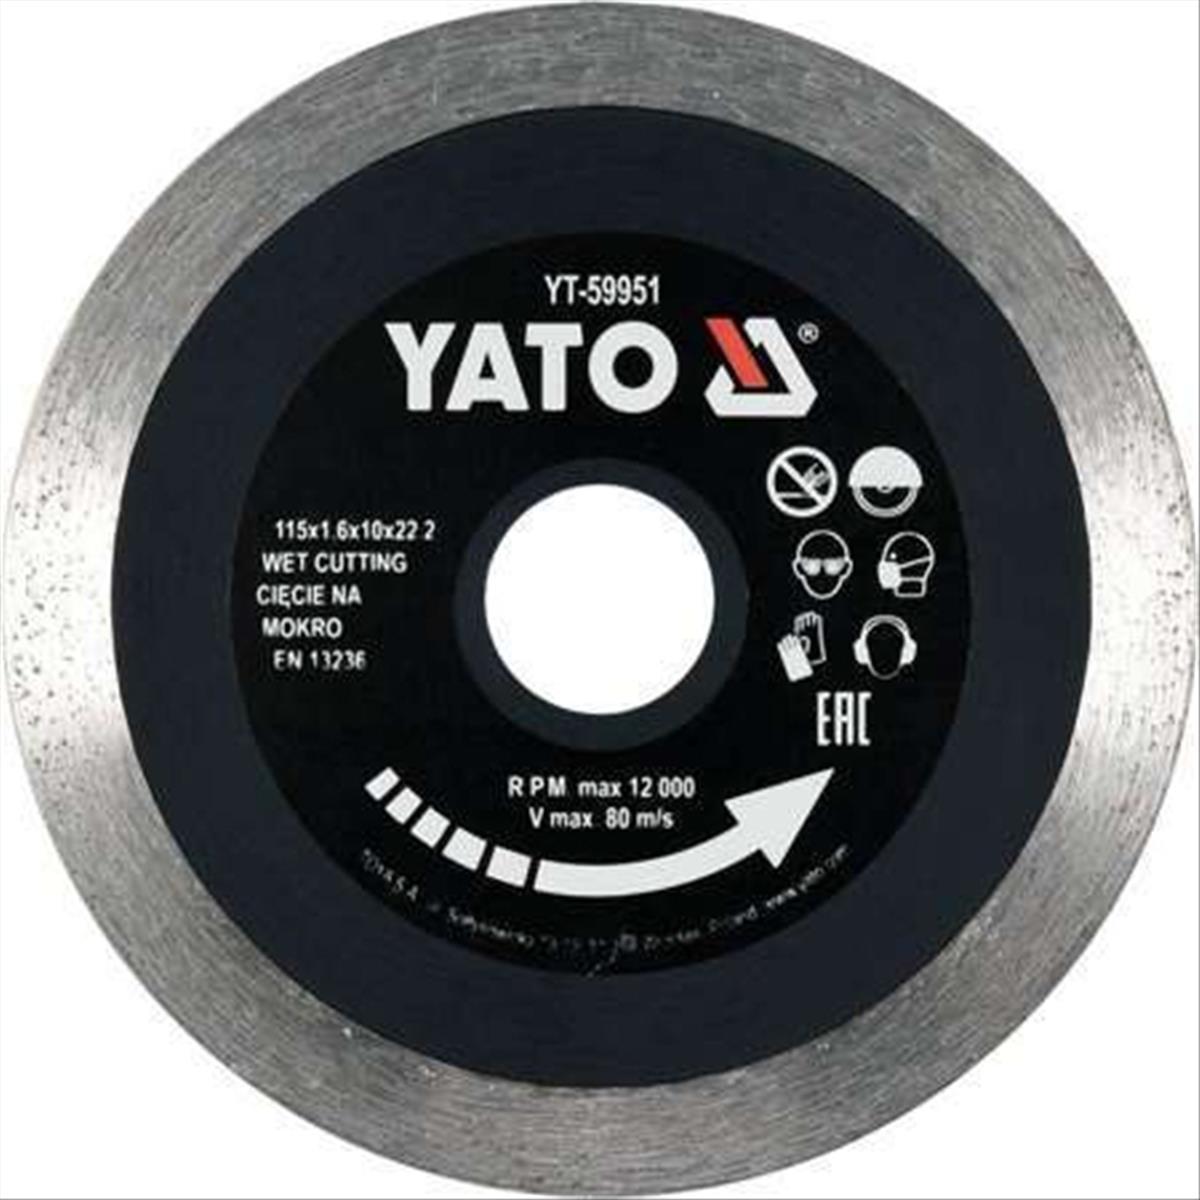 YT-59951.jpeg